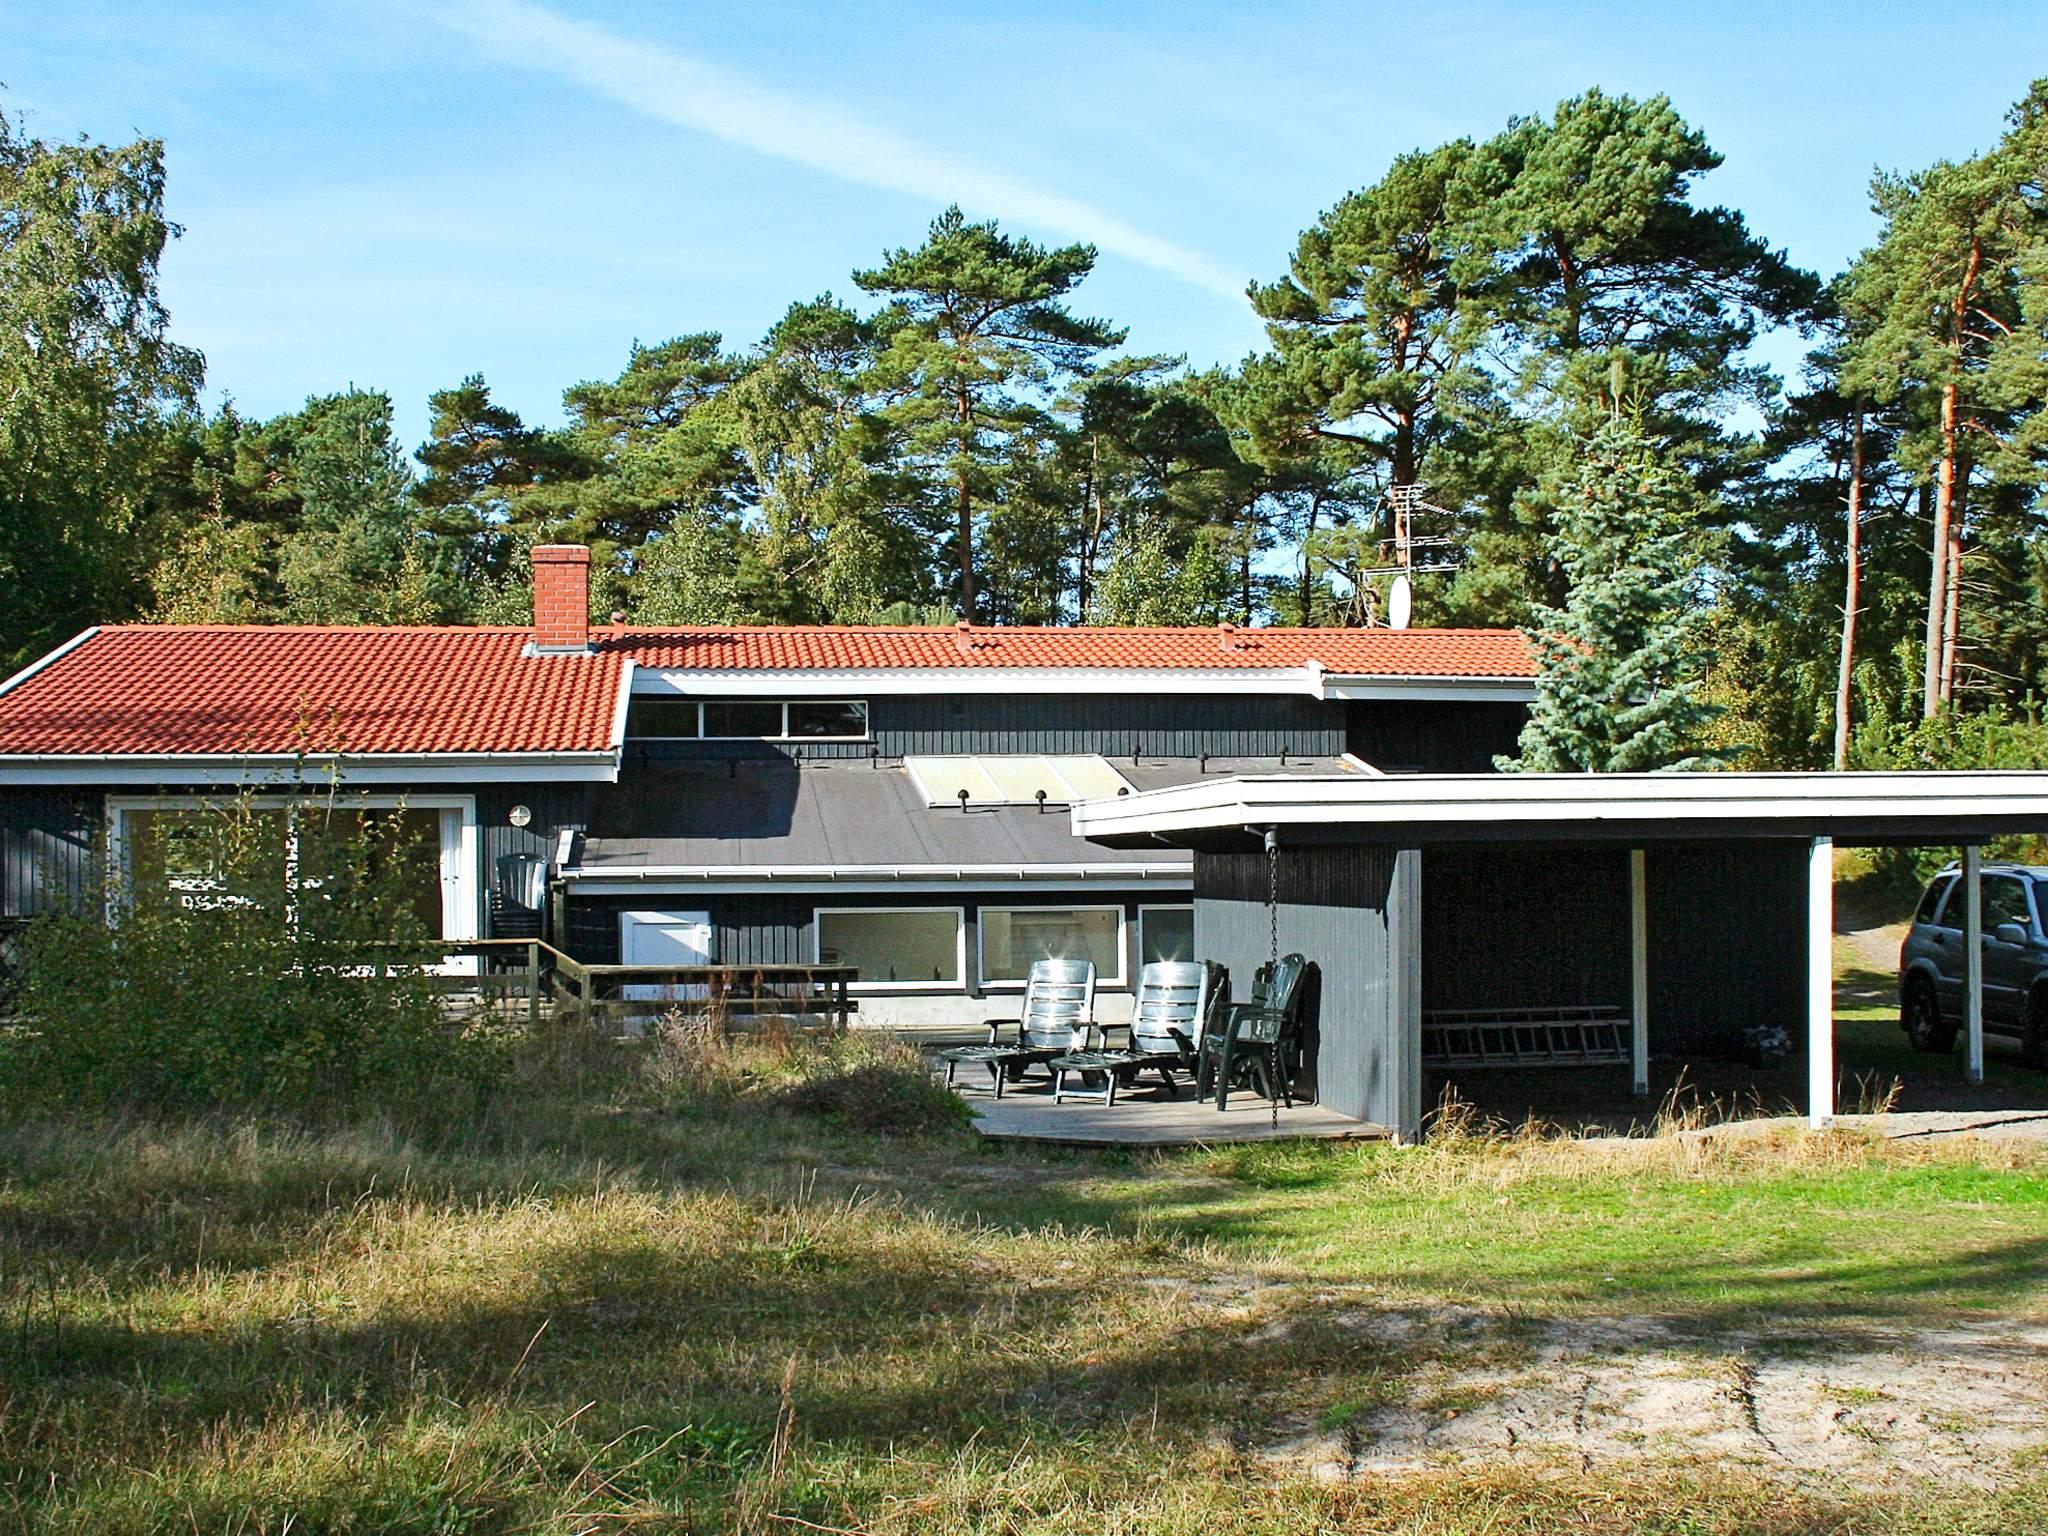 Ferienhaus Snogebæk (87008), Snogebæk, , Bornholm, Dänemark, Bild 1